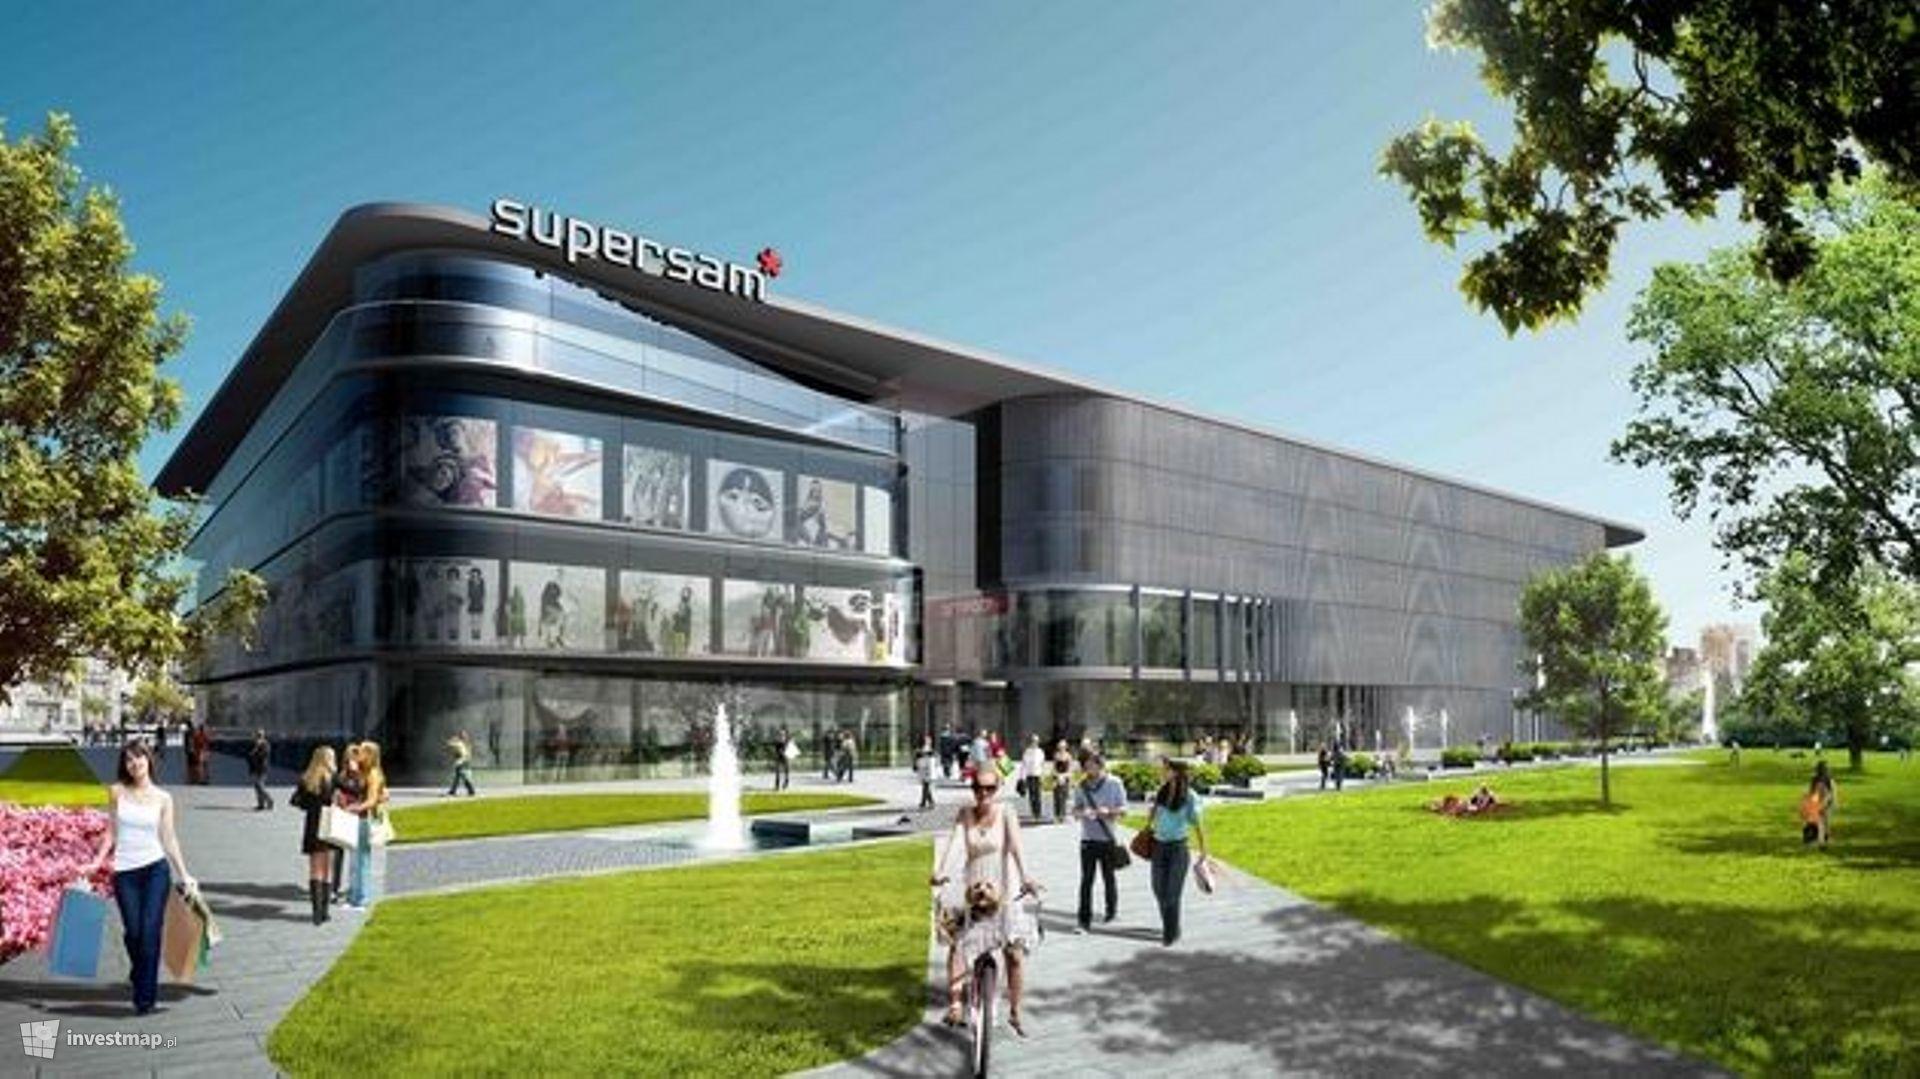 Galeria Supersam